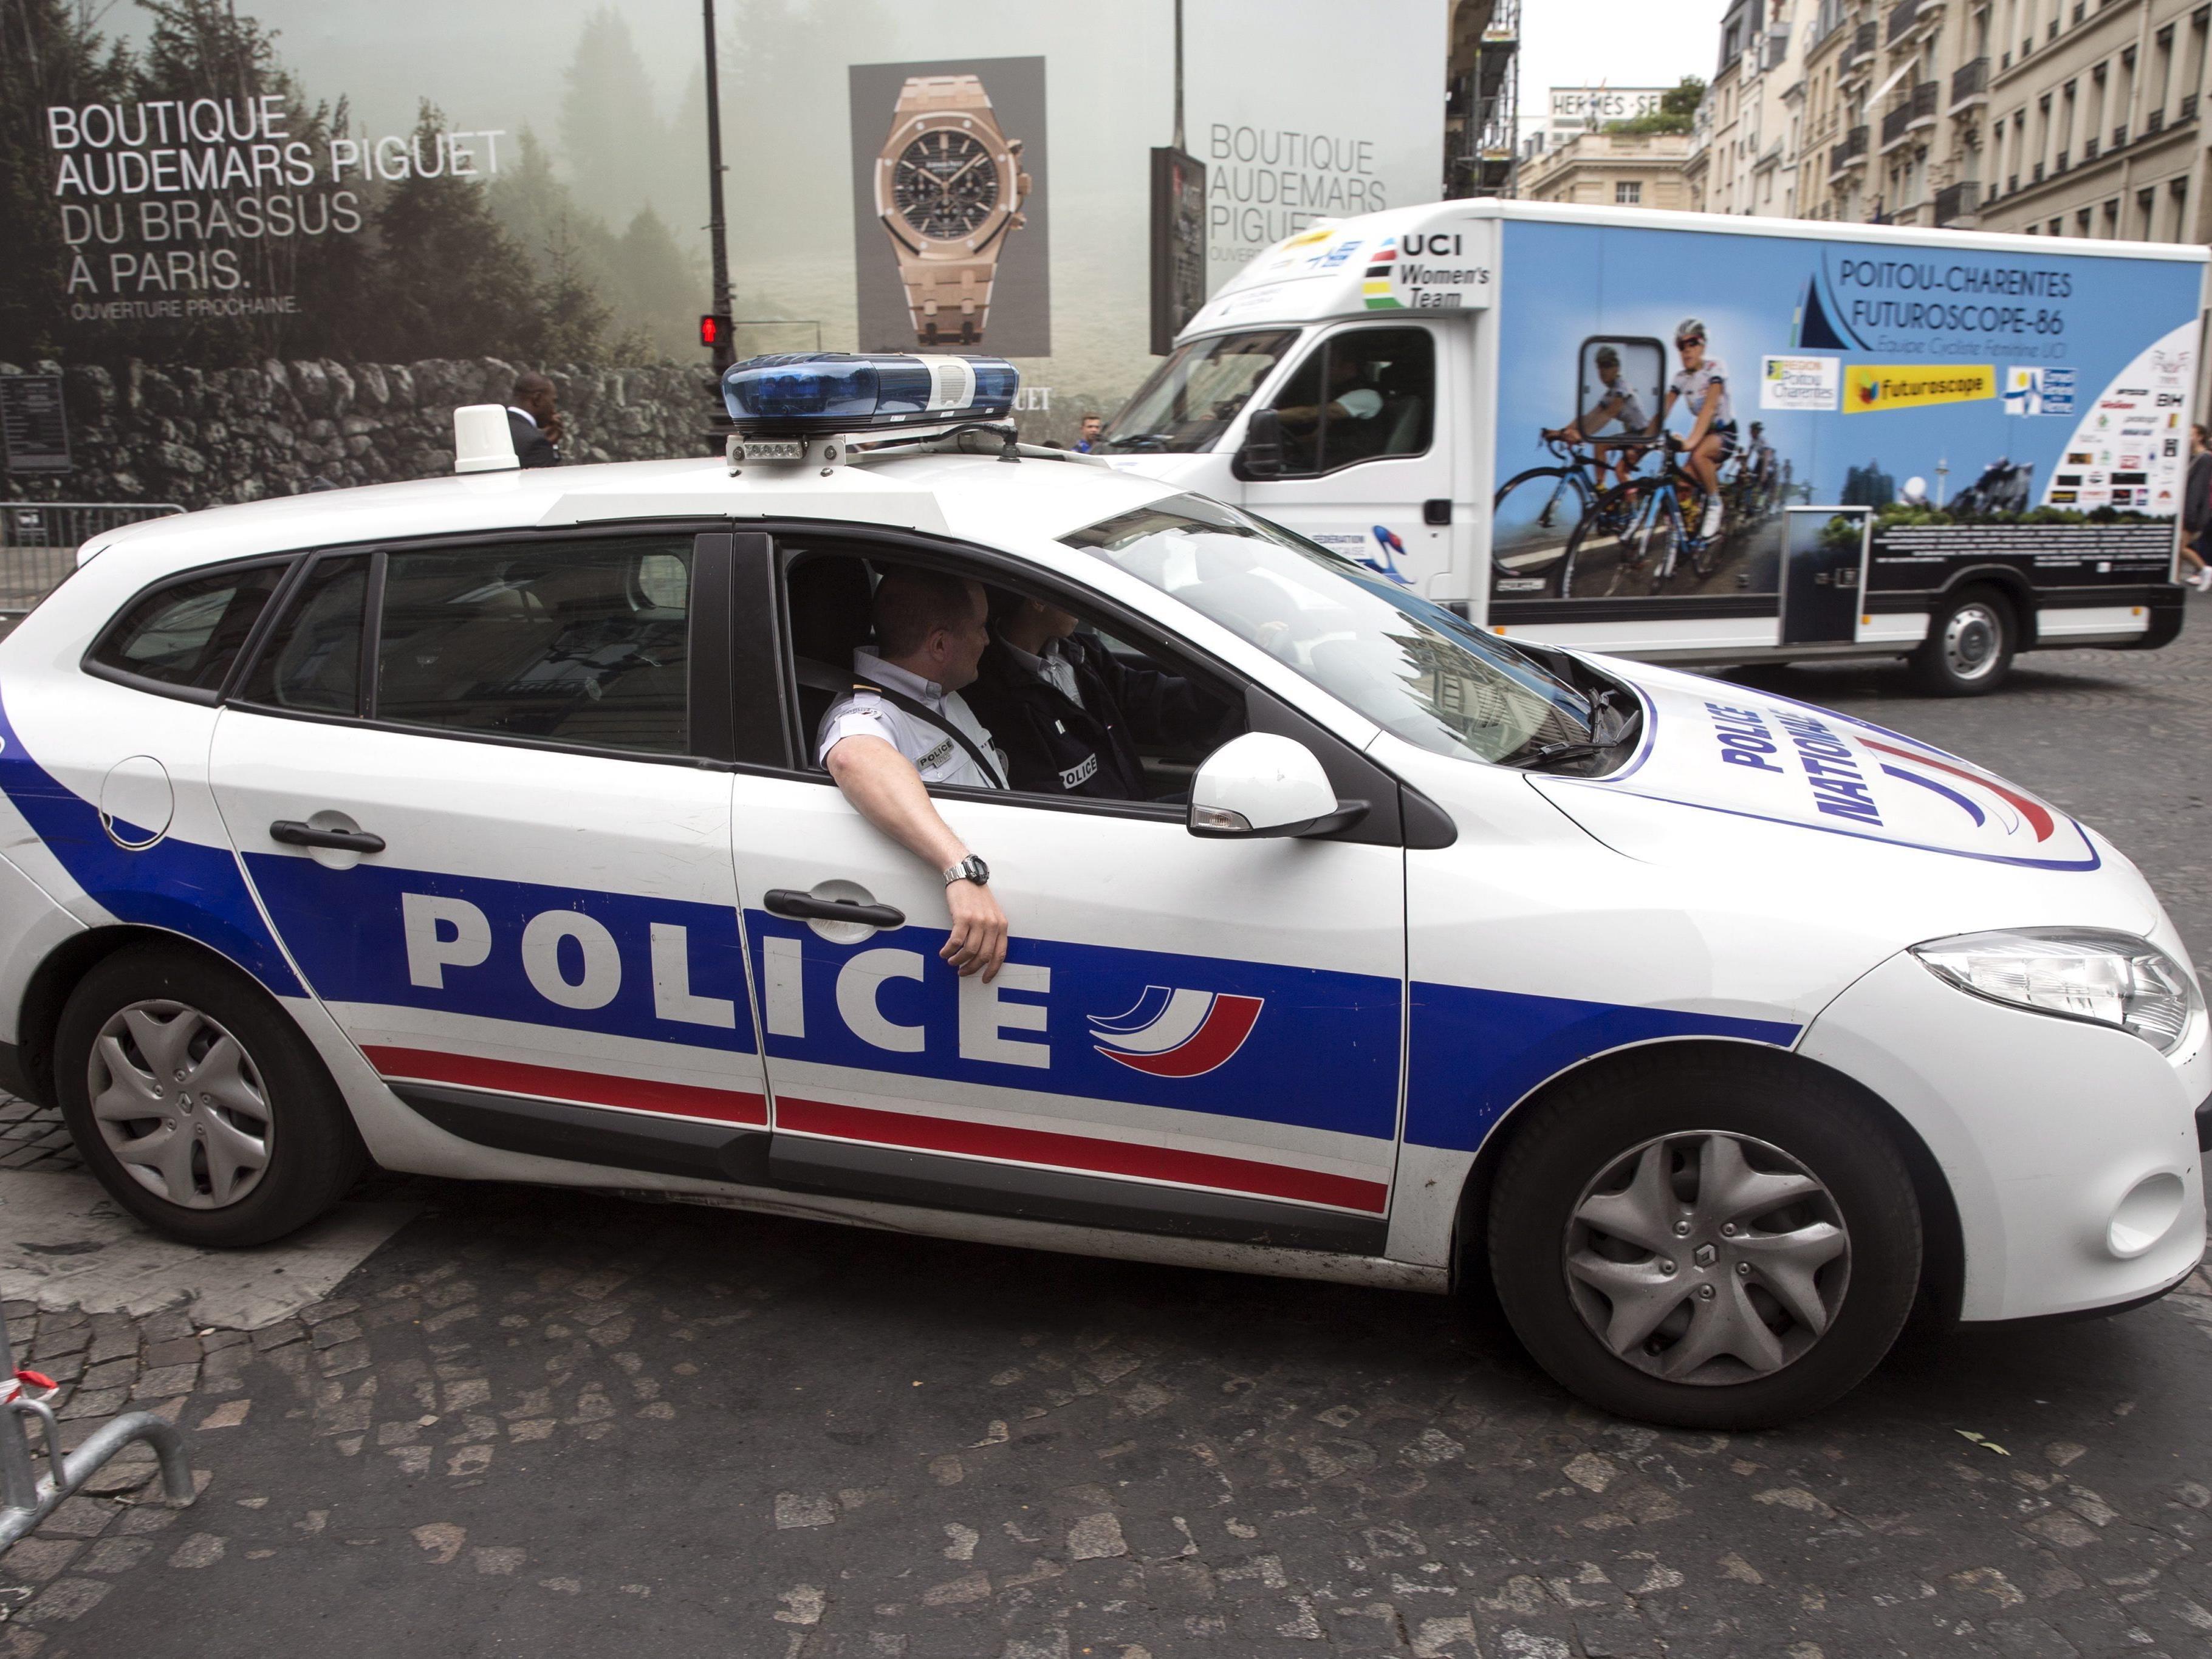 Der Zwischenfall ereignete sich an der Place de La Concorde, wo die Radrennfahrer traditionell die letzte Etappe der Frankreichrundfahrt abschließen und von Hunderttausenden bejubelt werden.